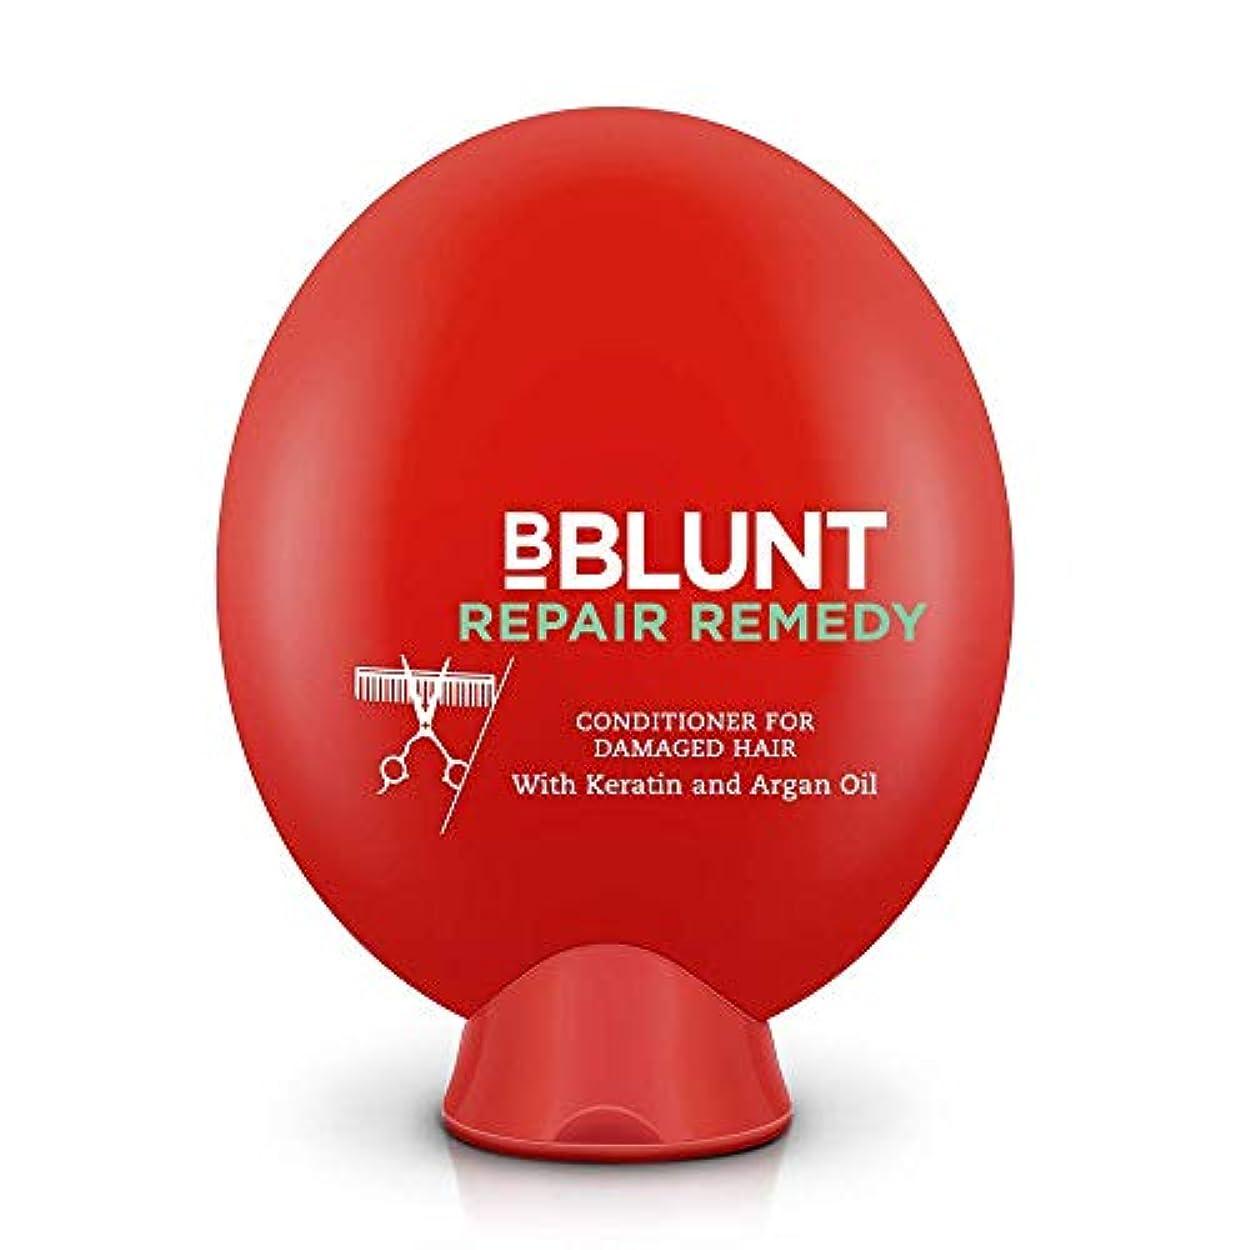 残酷な罪ところでBBLUNT Repair Remedy Conditioner for Damaged Hair, 200g (Keratin and Argan Oil)